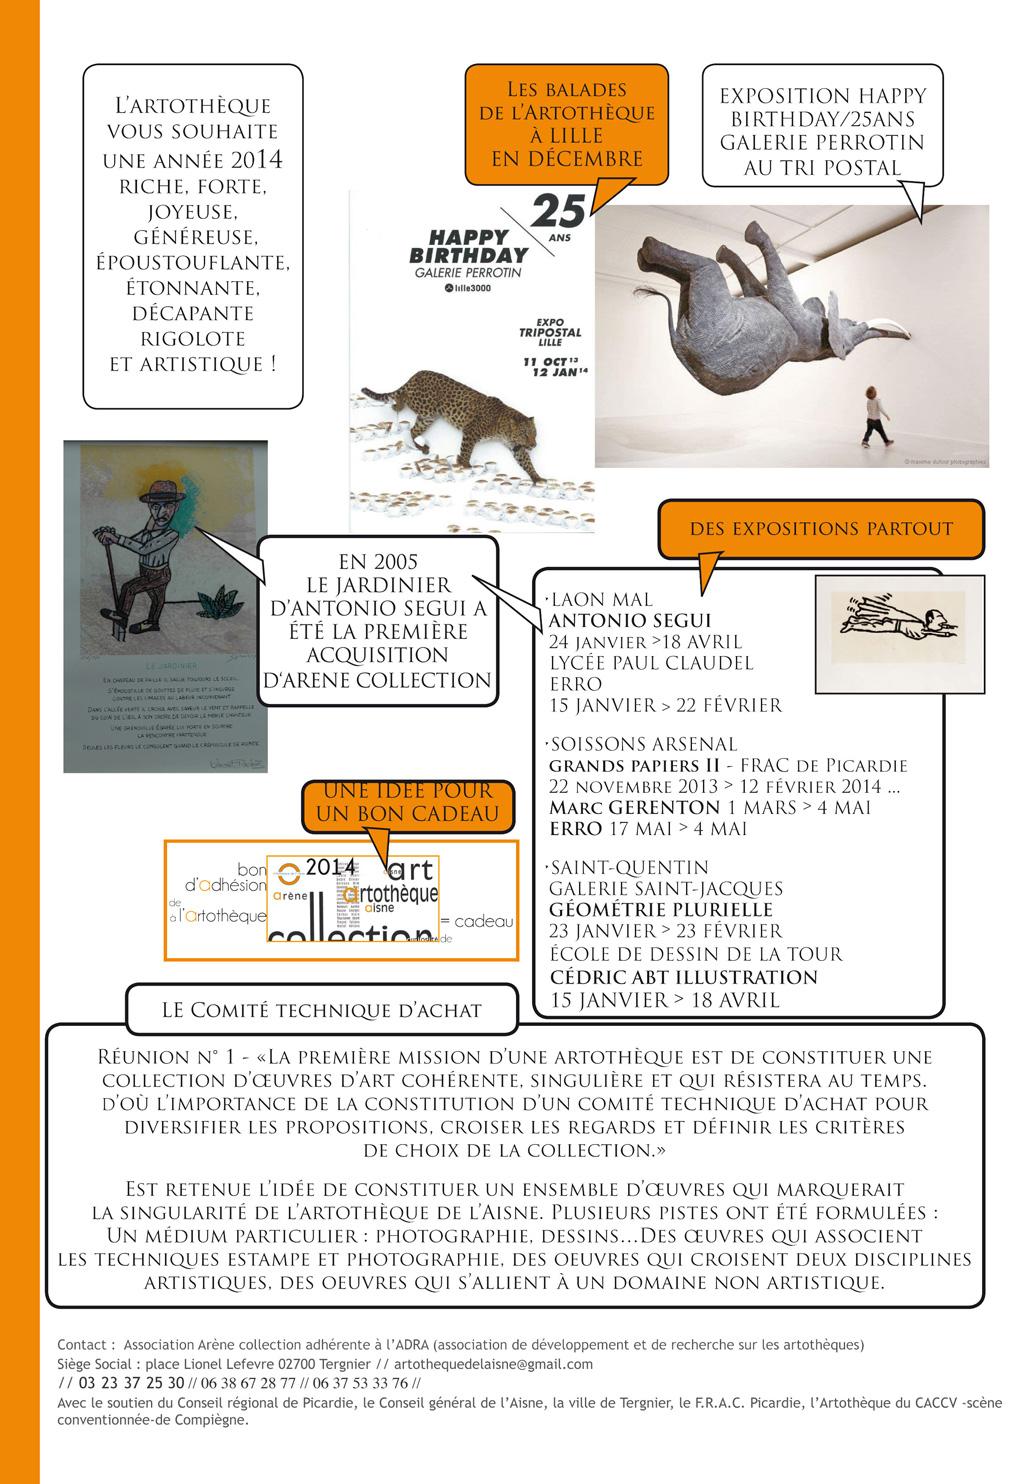 lettre-aux-emprunteurs-n11-2